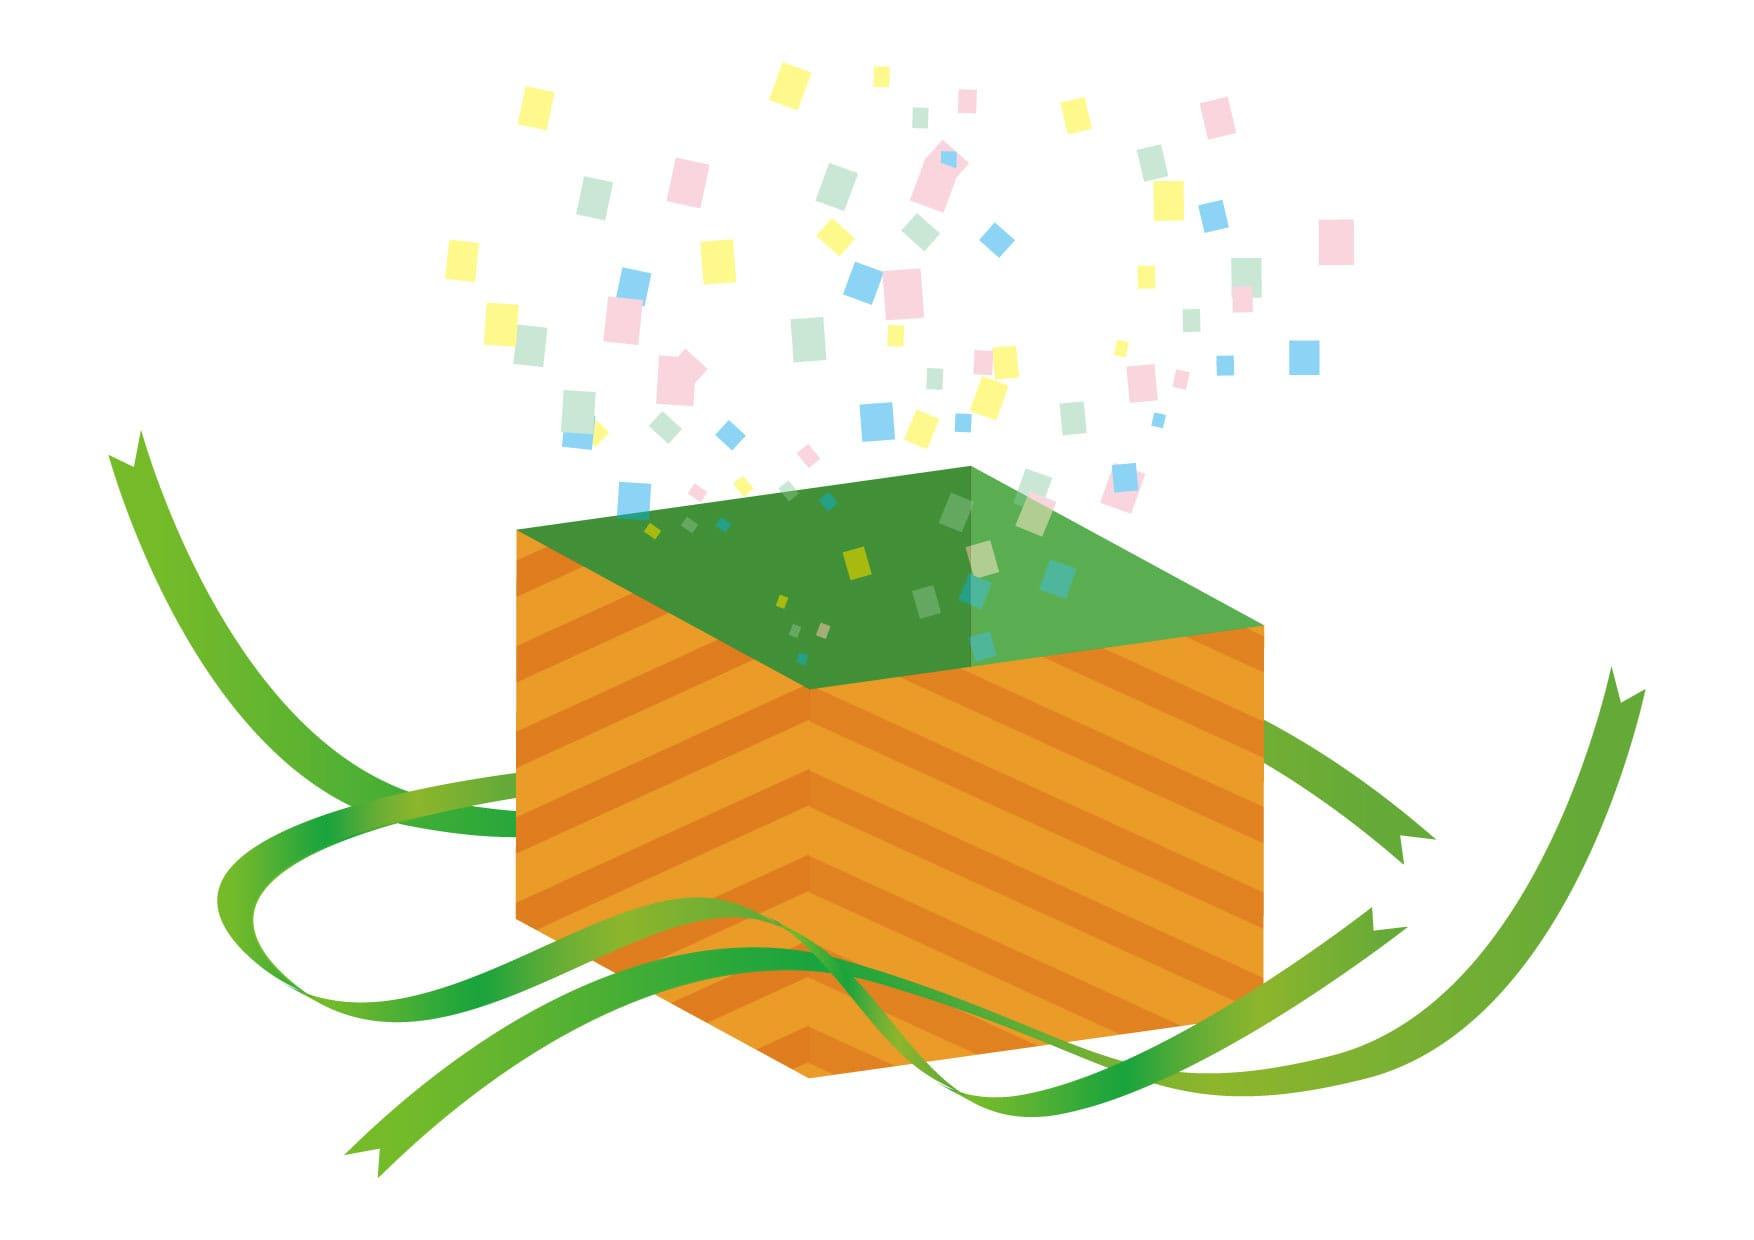 可愛いイラスト無料|サプライズ プレゼント 黄色 開く − free illustration  Surprise present yellow